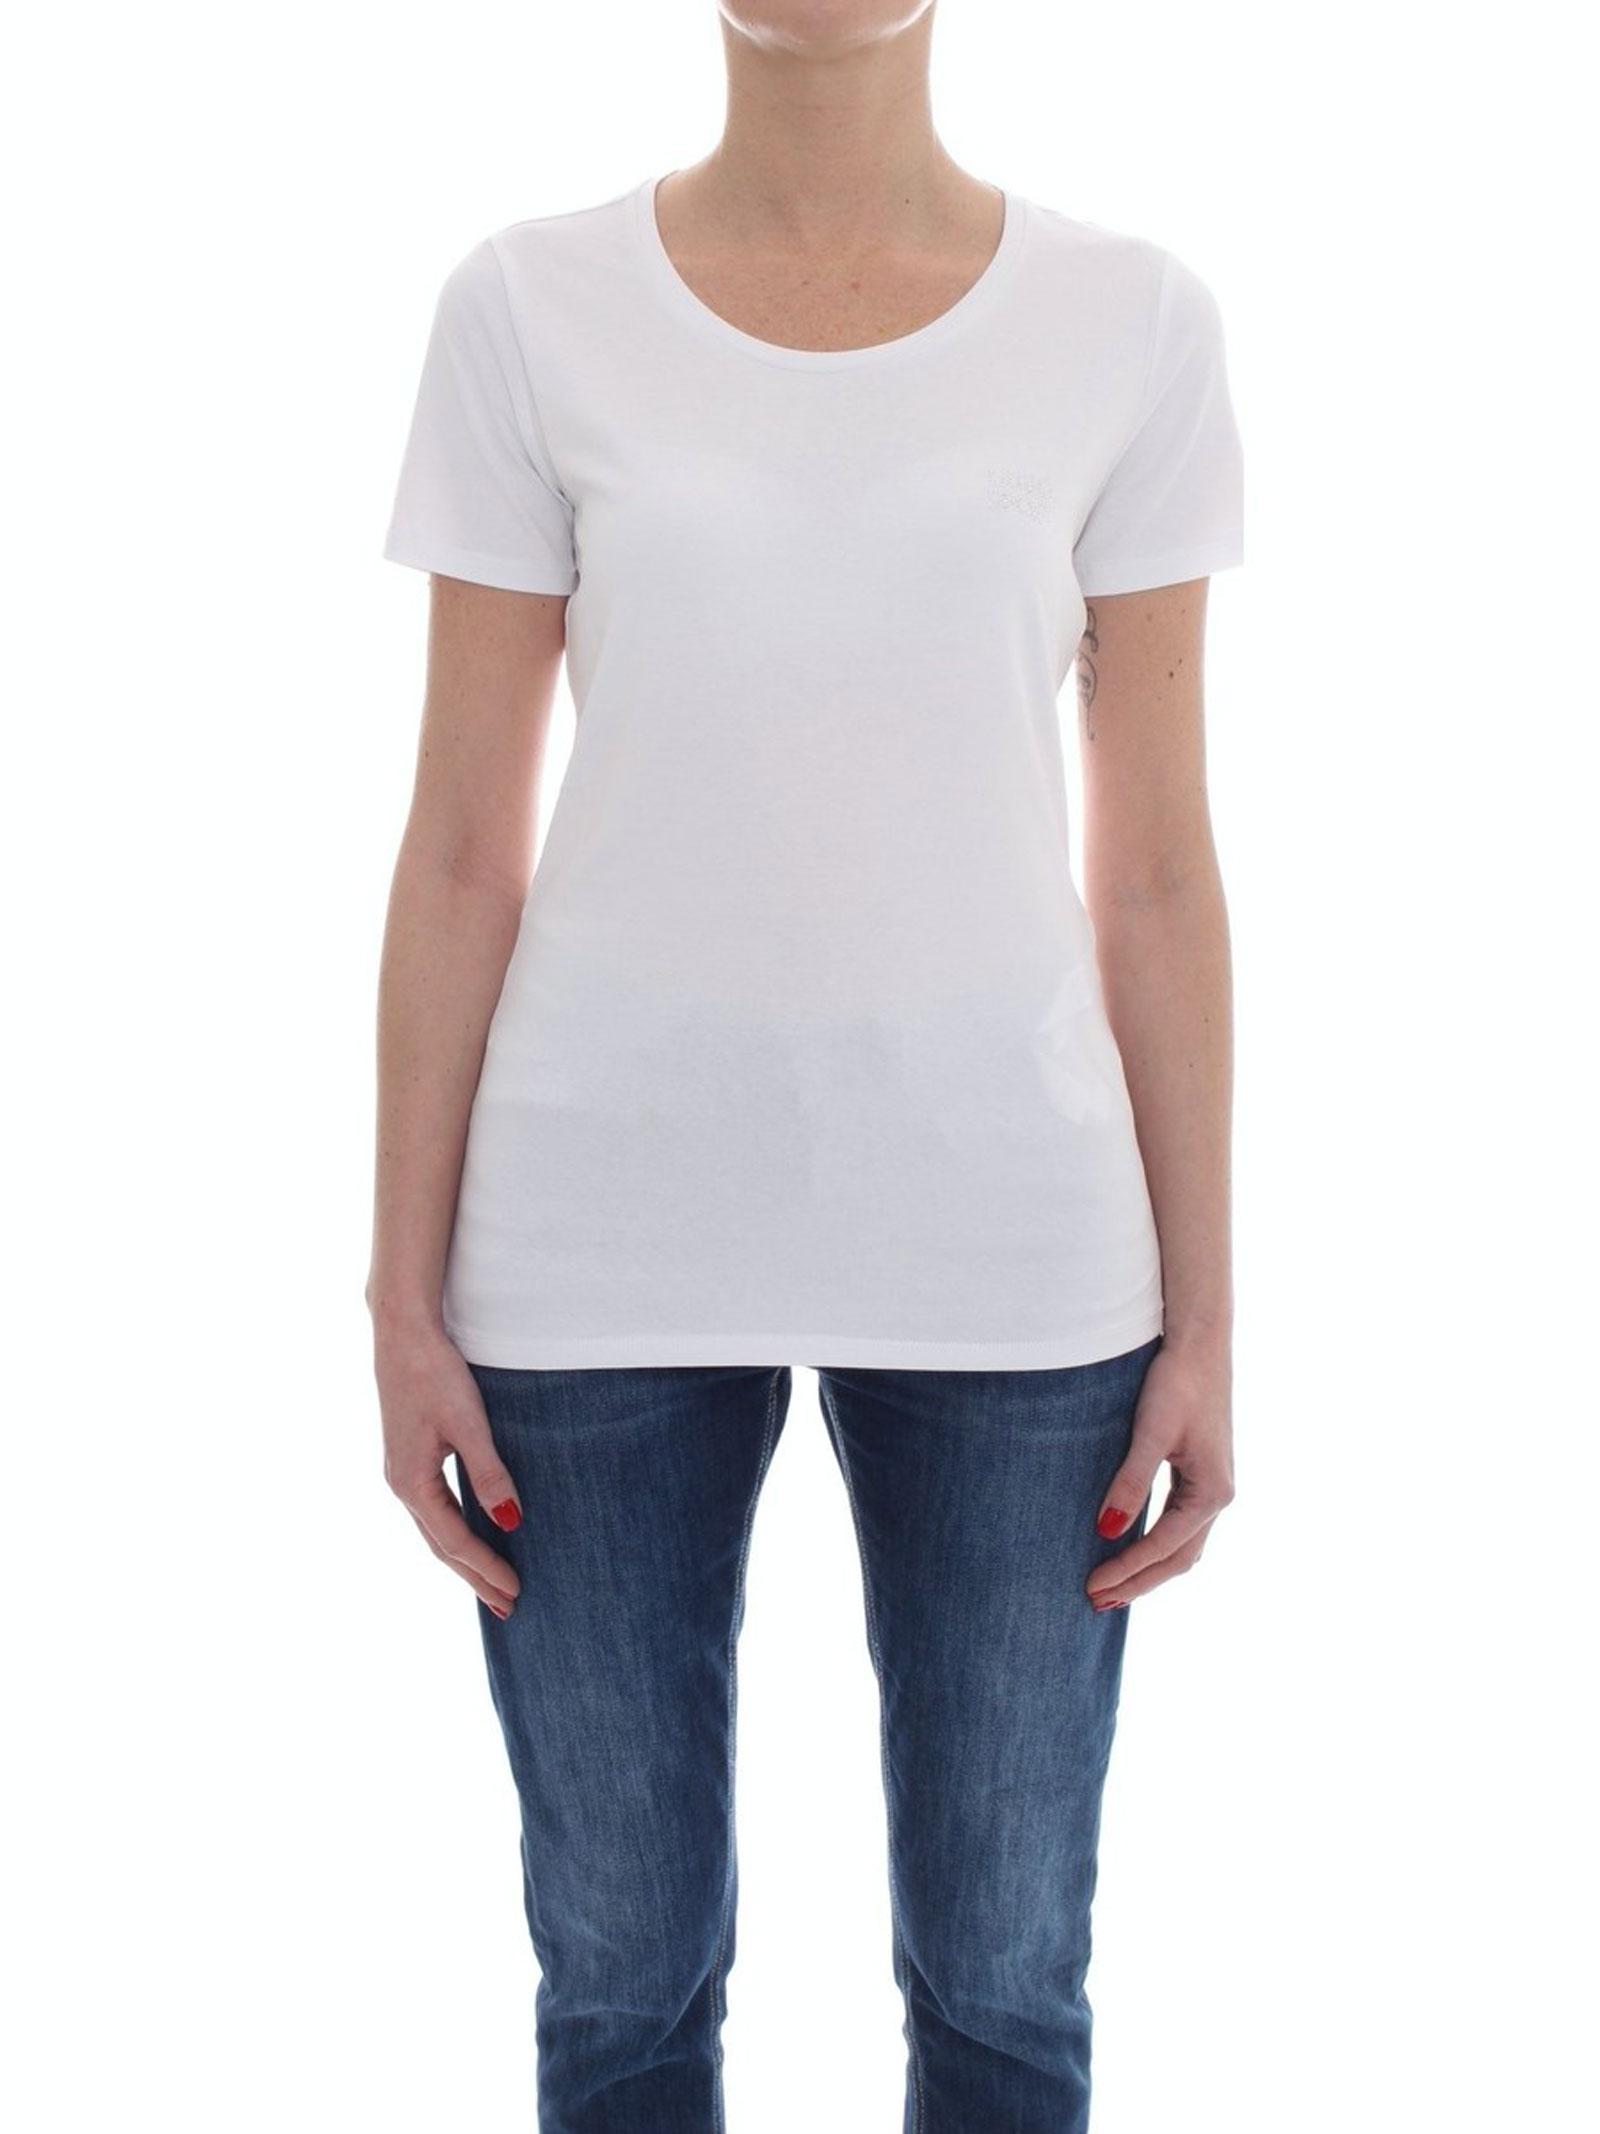 T-SHIRT LIU JO LIU JO | T-shirt | TA1092-J500311110